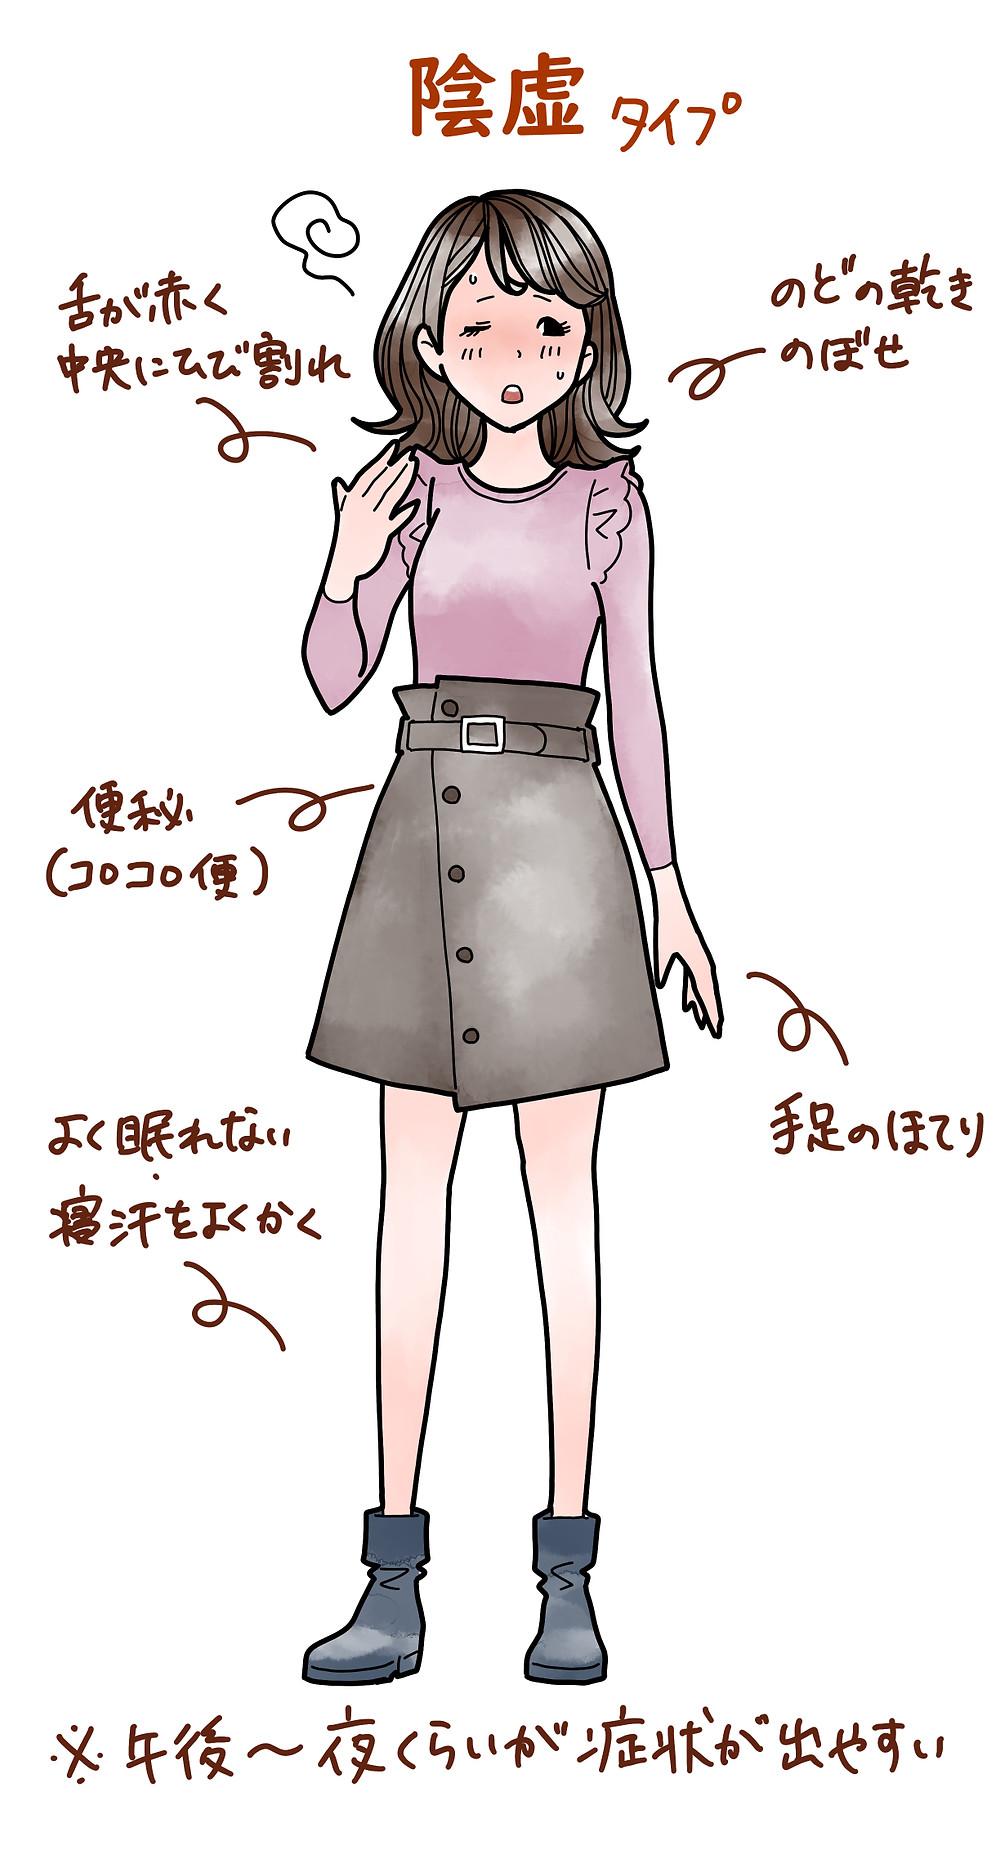 中医学/薬膳 陰虚タイプ 女性 解説イラスト